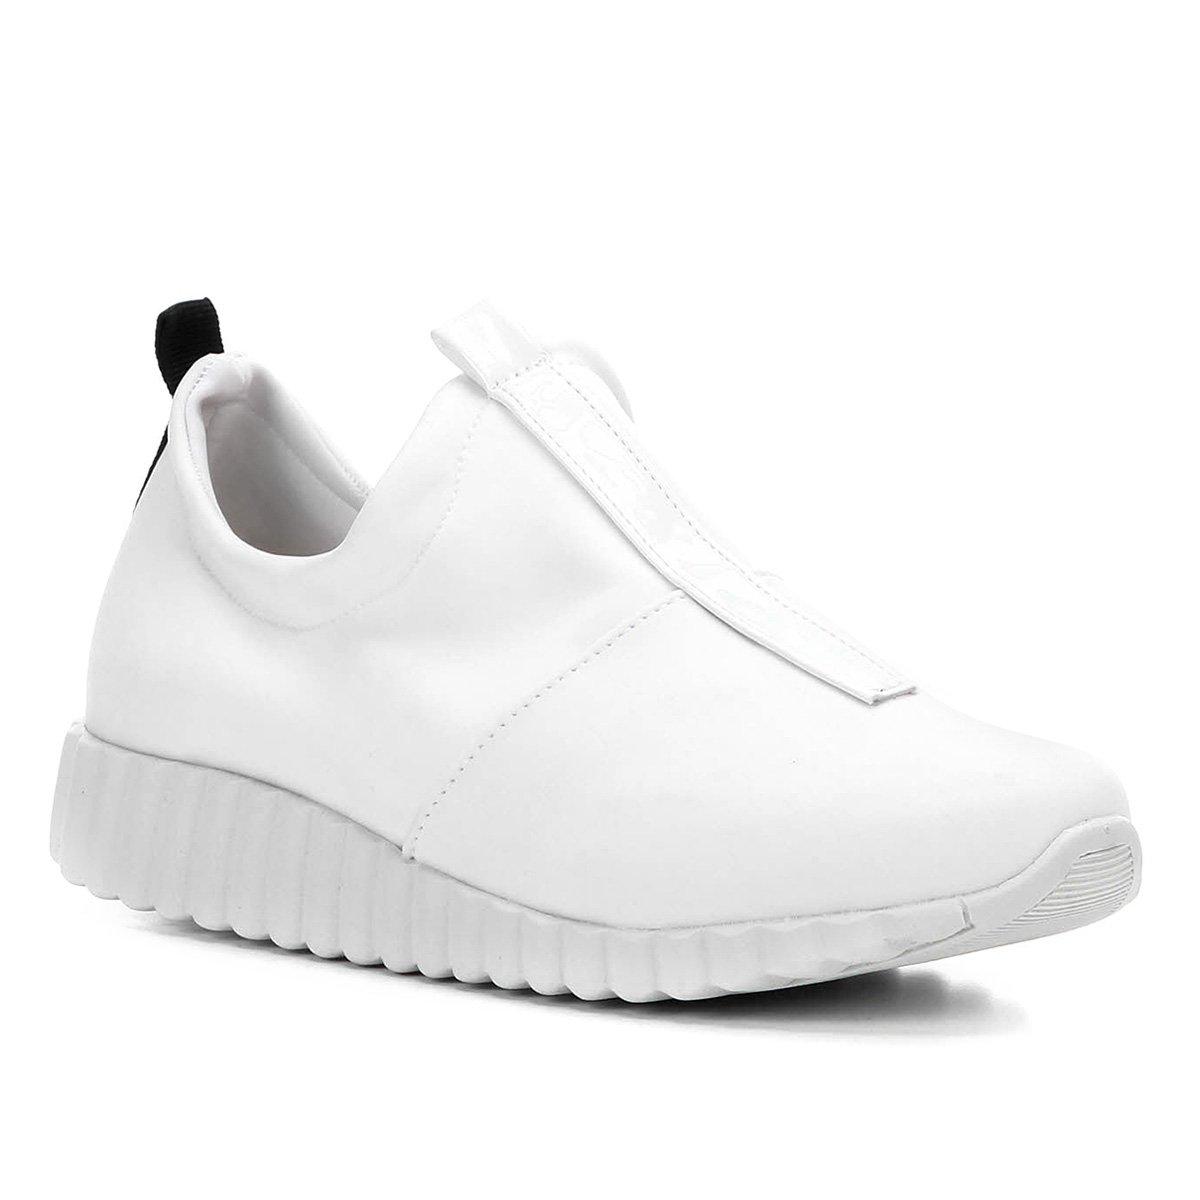 6a625bd731d Tênis Shoestock Meia Neoprene Feminino - Branco - Compre Agora ...